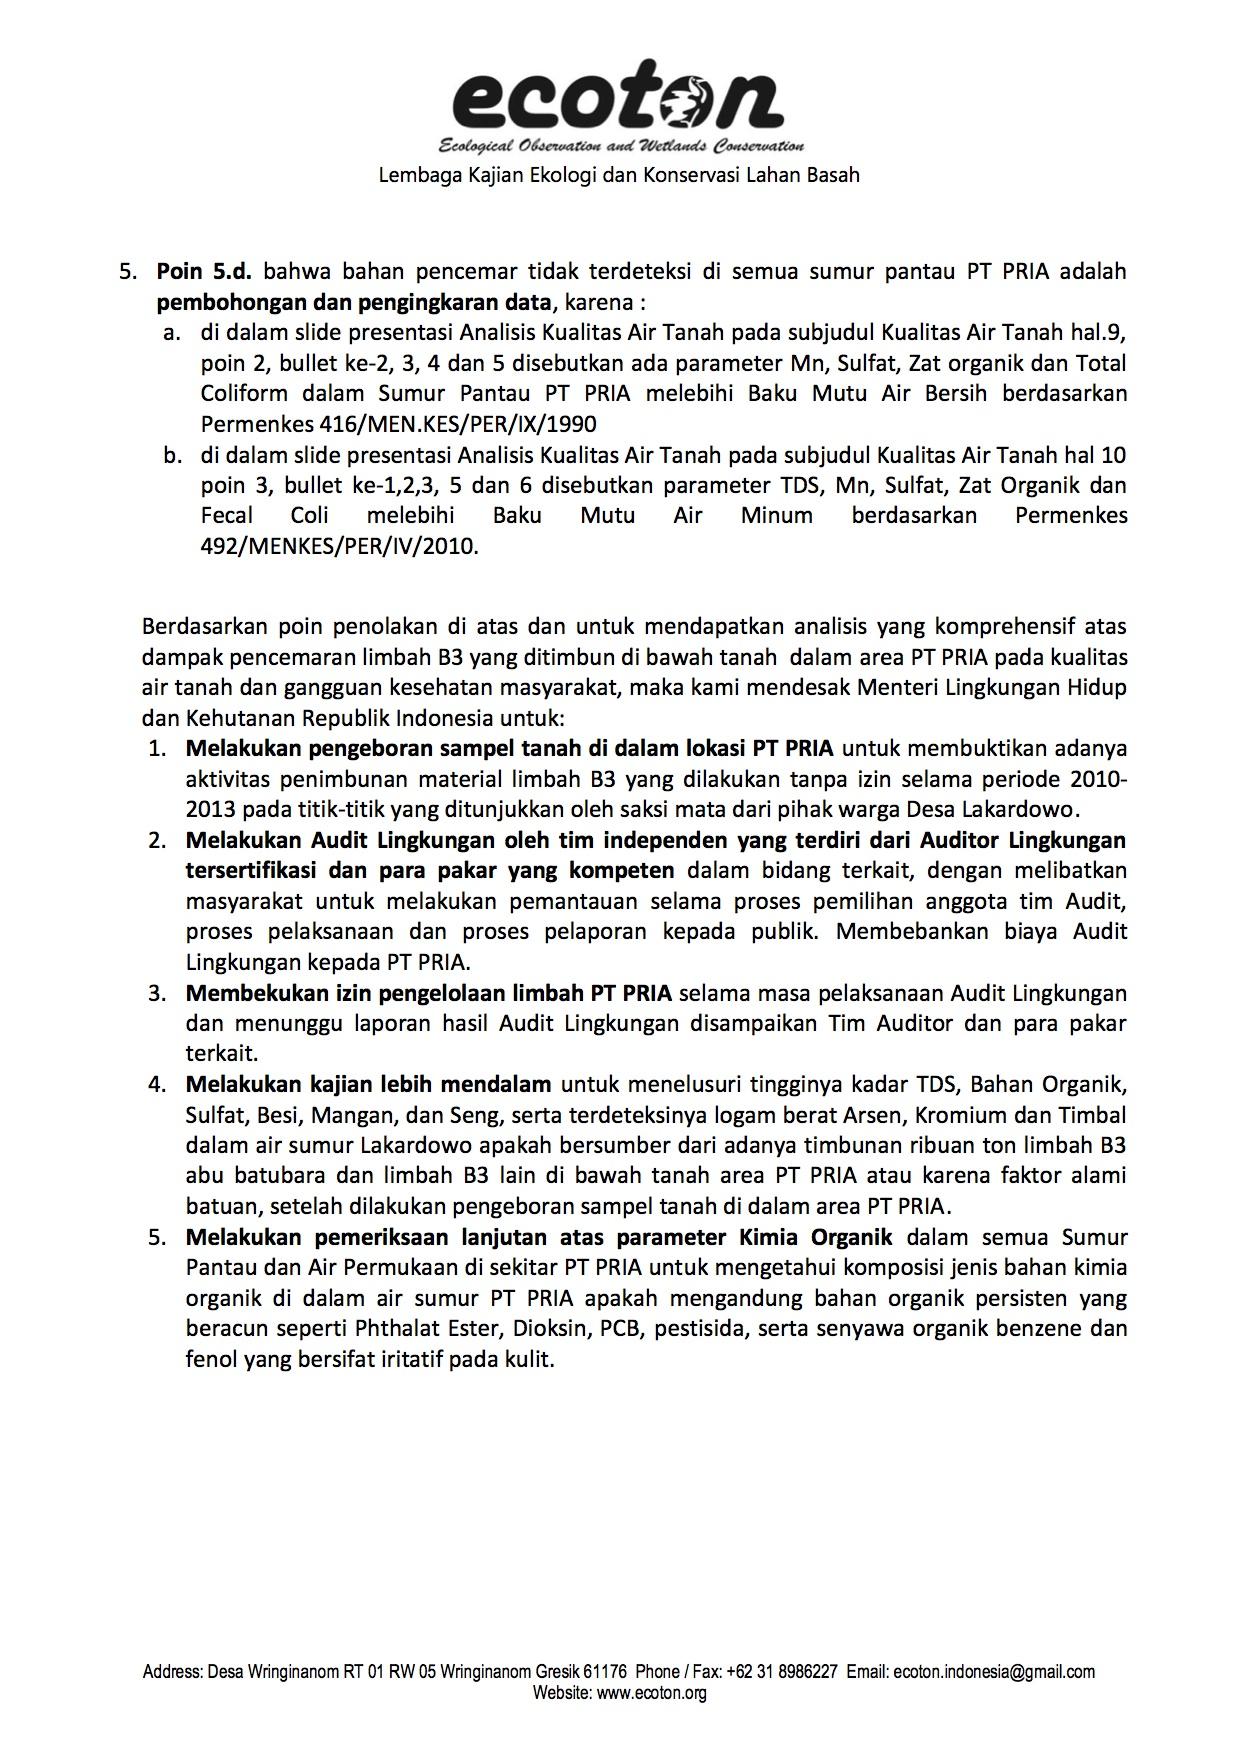 Penolakan Analisis KLHK oleh ECOTON 3